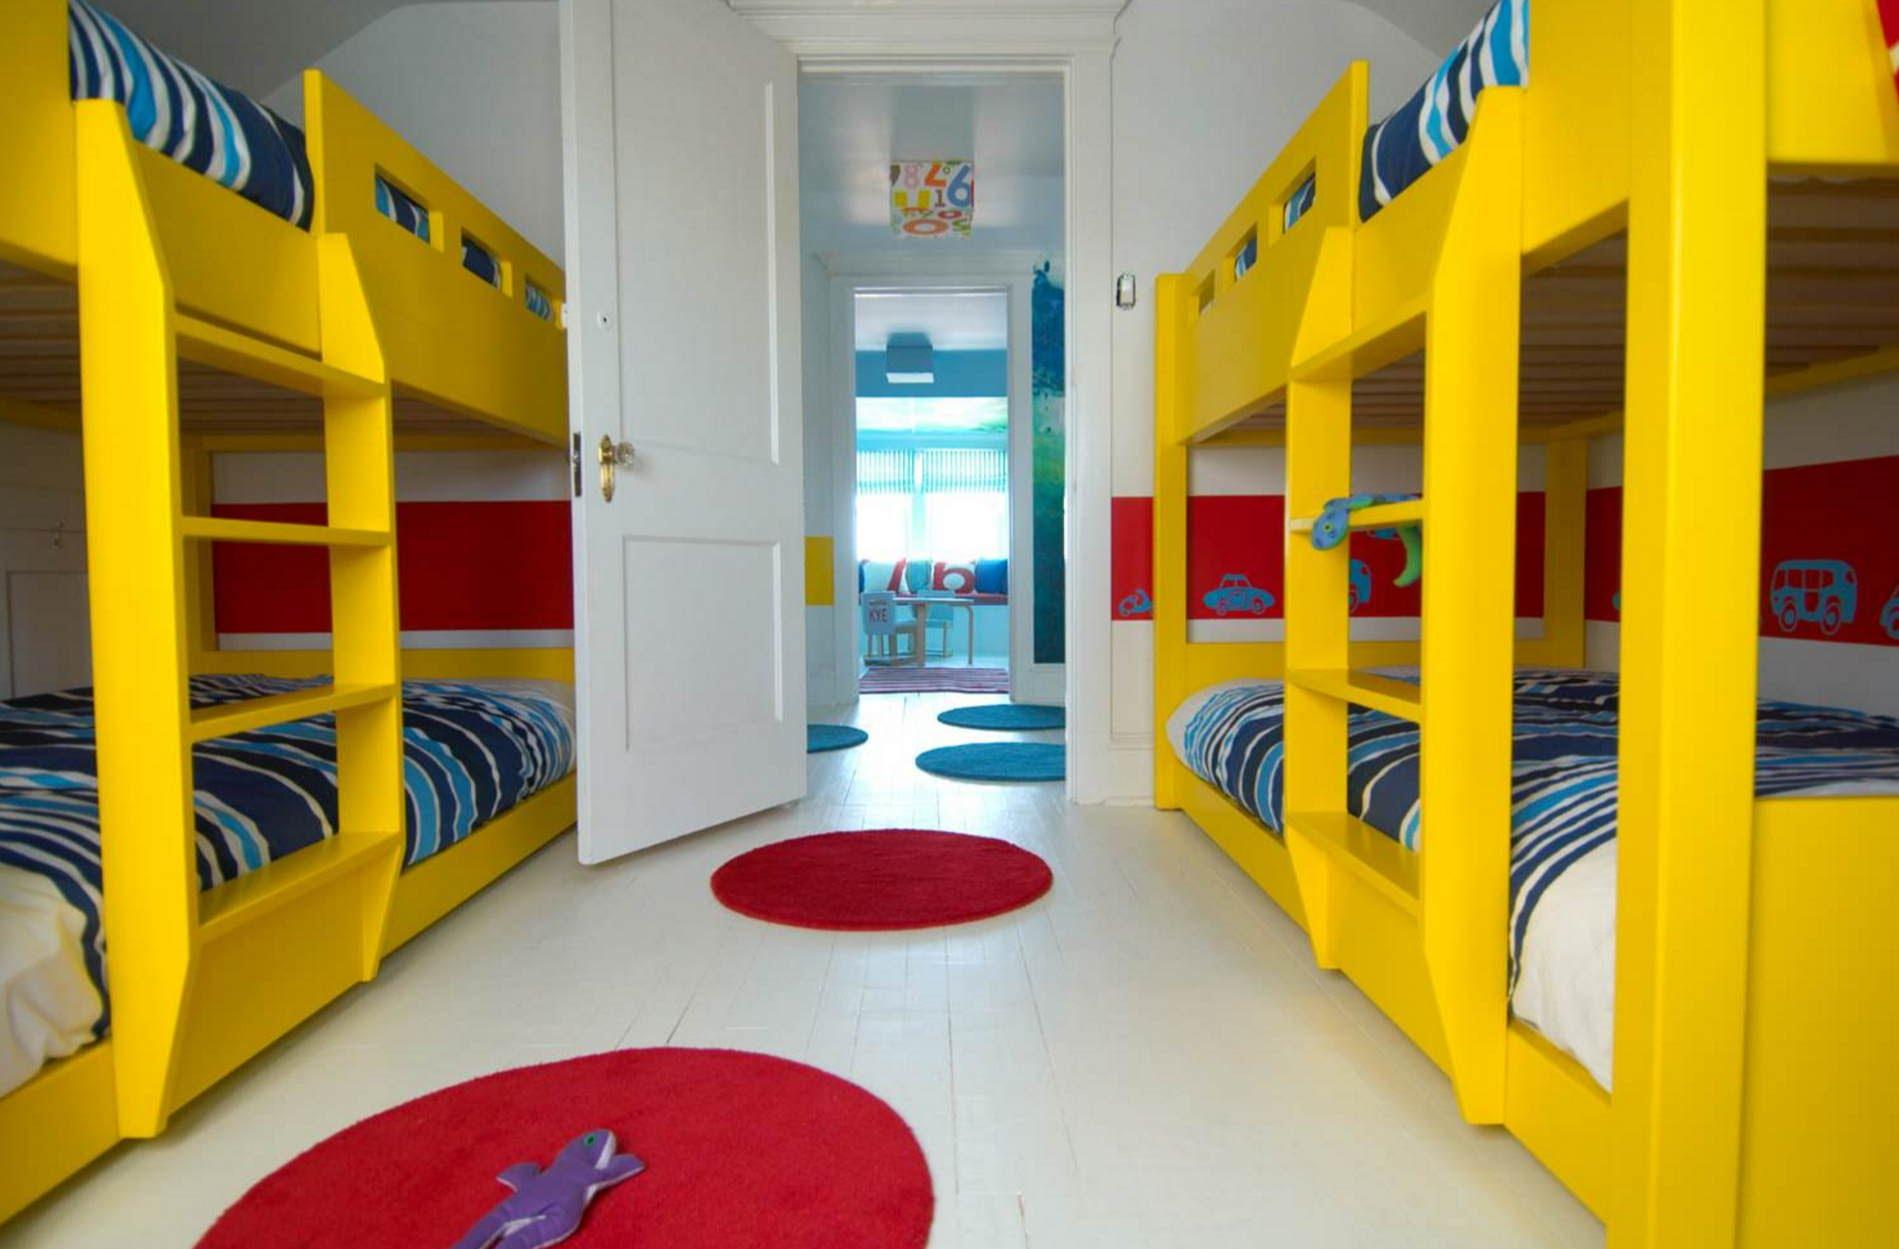 Tienda de muebles infantiles online: de la imaginación, a su dormitorio